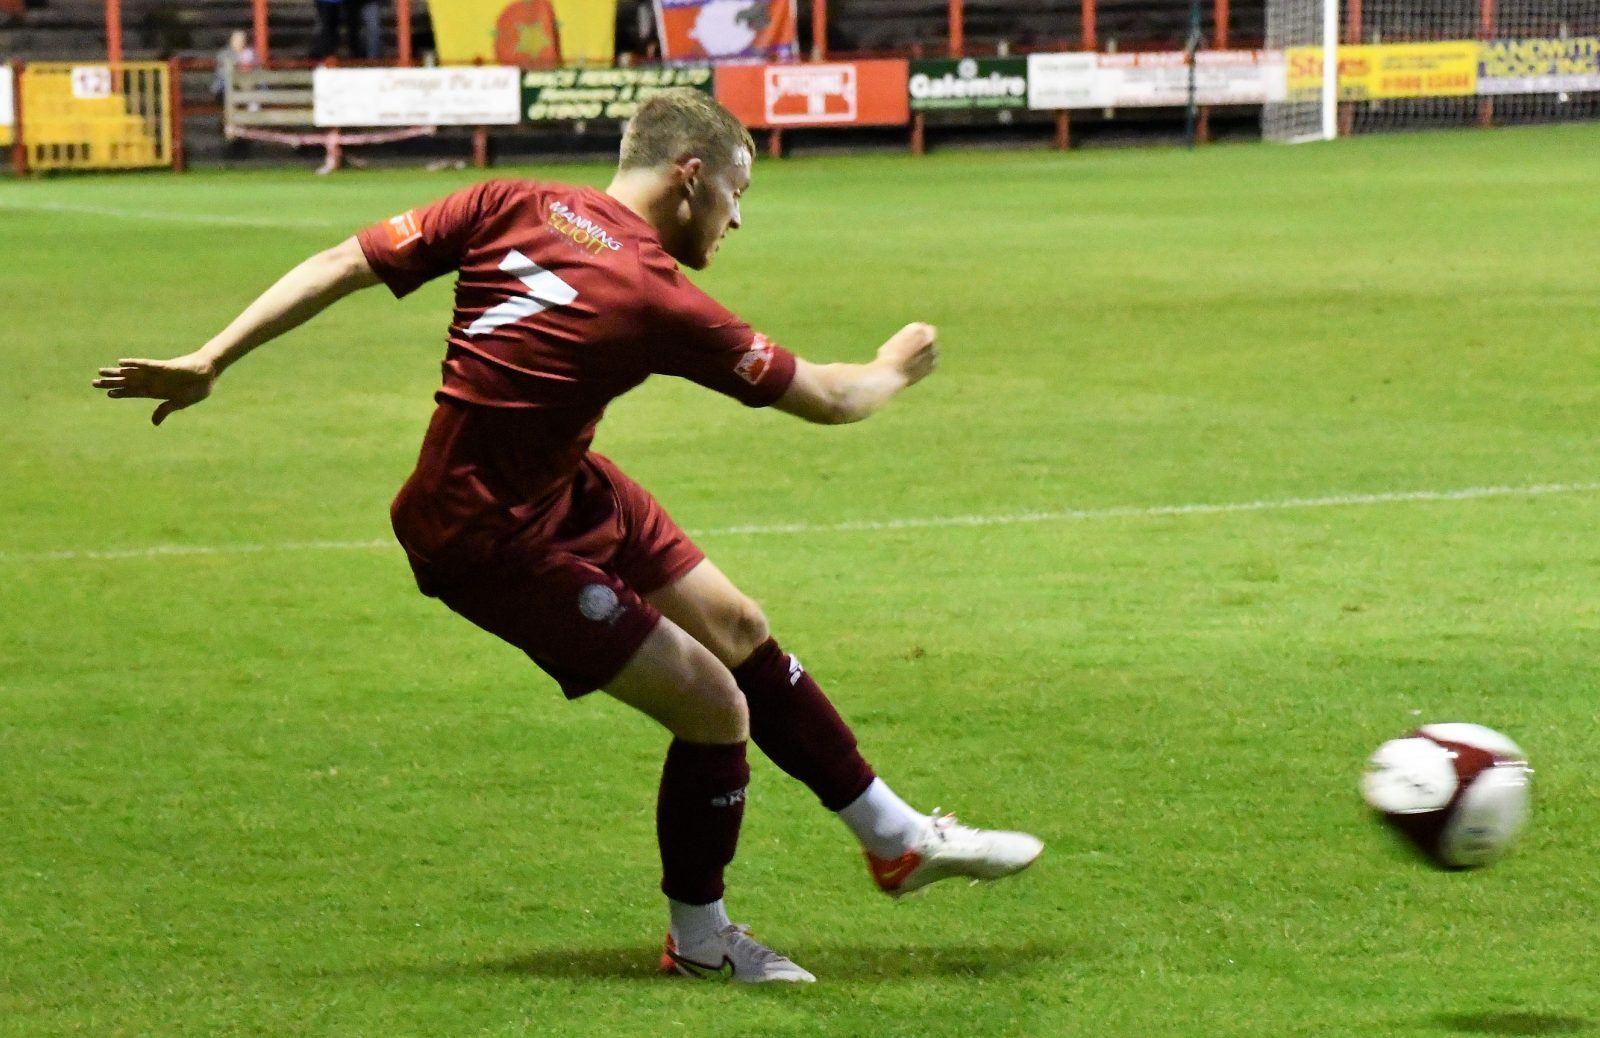 The-only-goal-from-Rowan-Roache-Ben-Challis